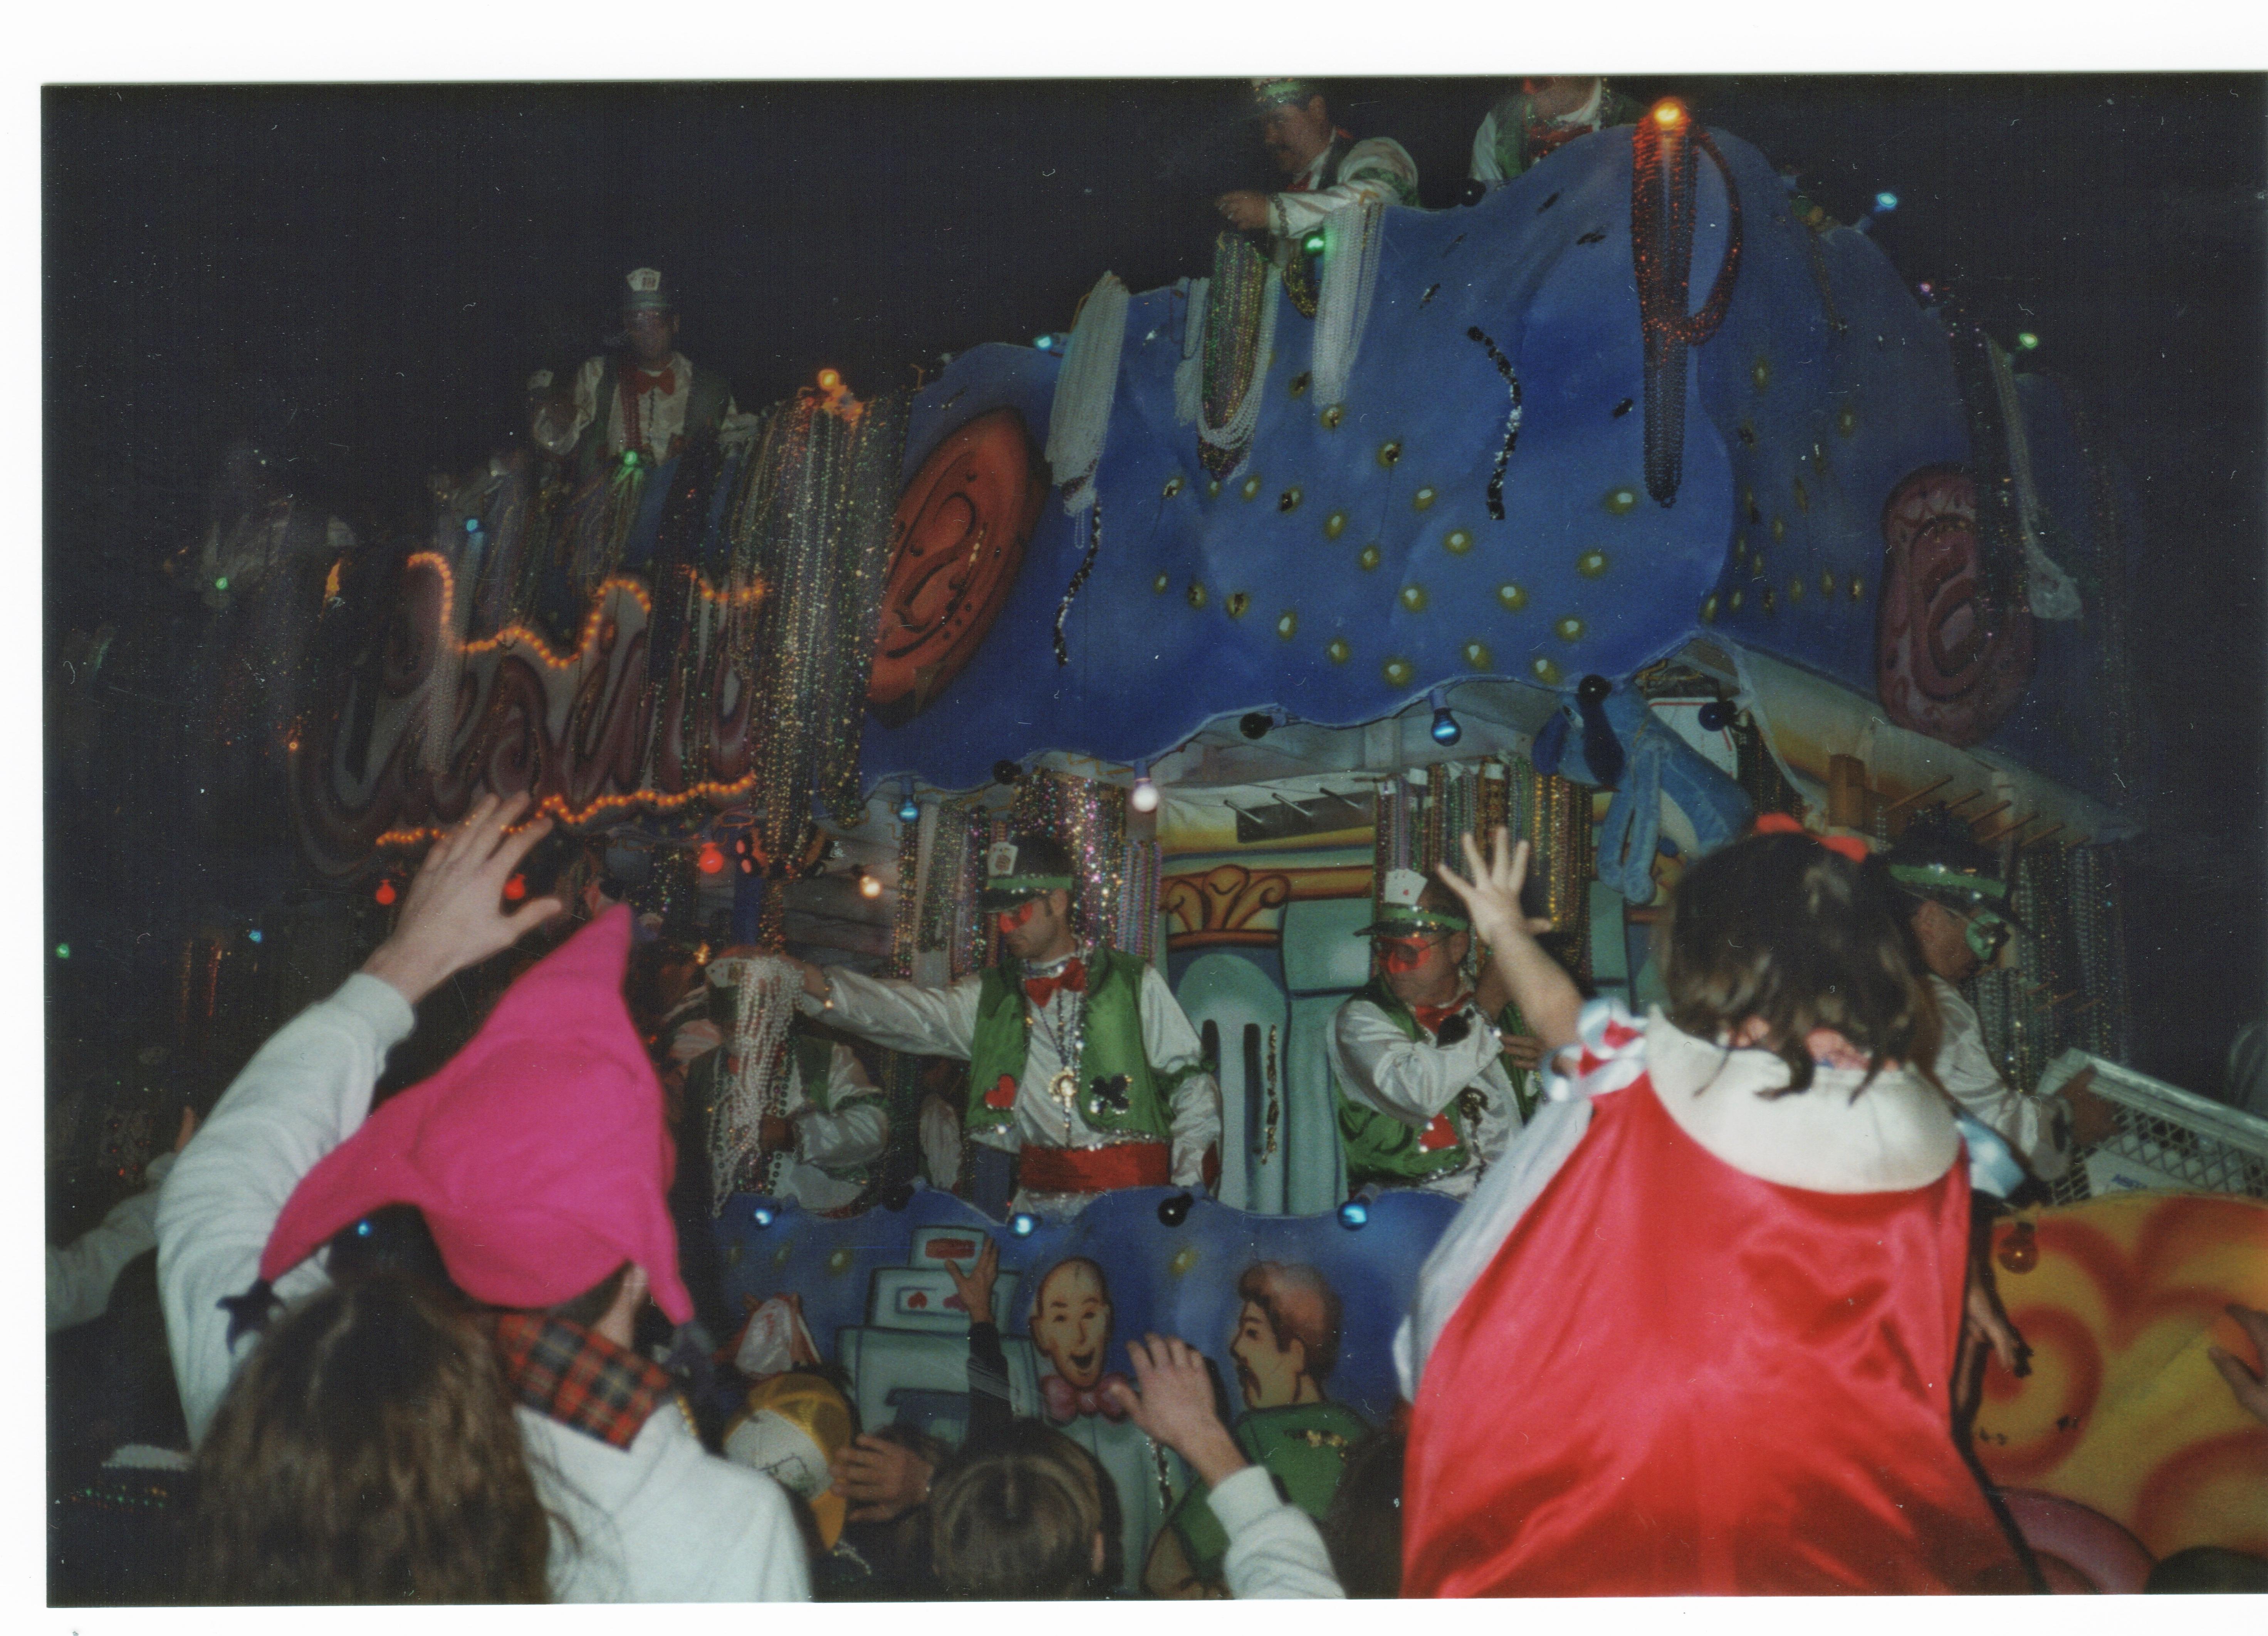 a mardi gras parade float